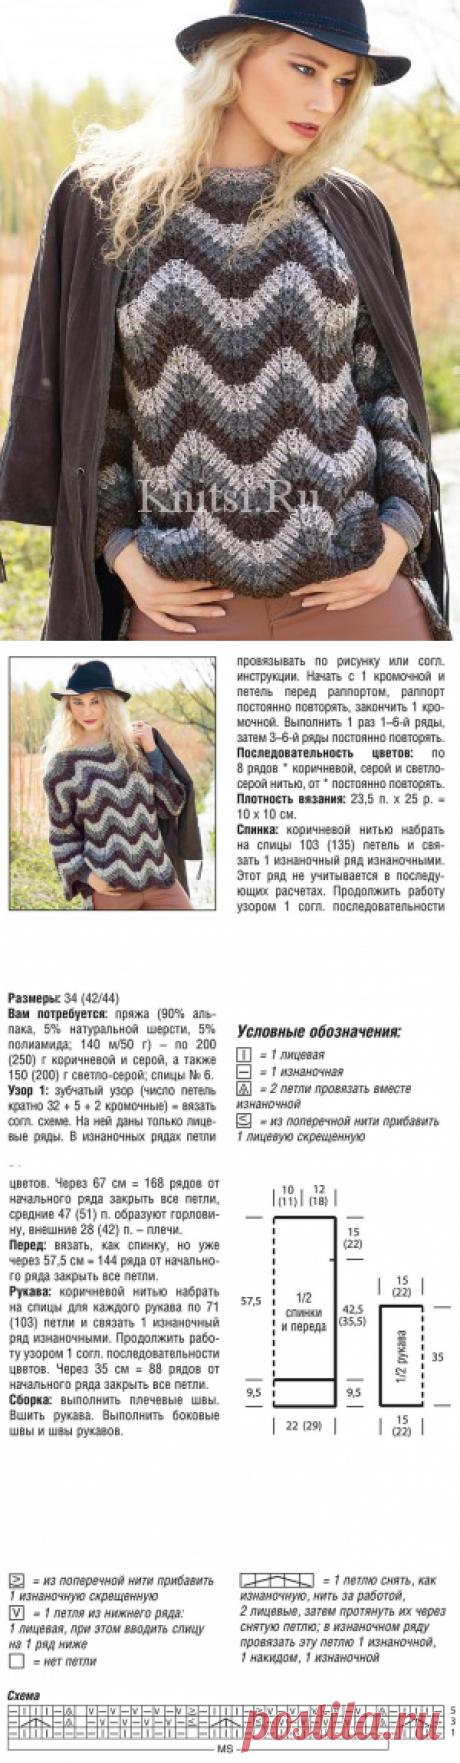 Пуловер с зубчатым узором. Вязание для женщин/Пуловеры/Спицами